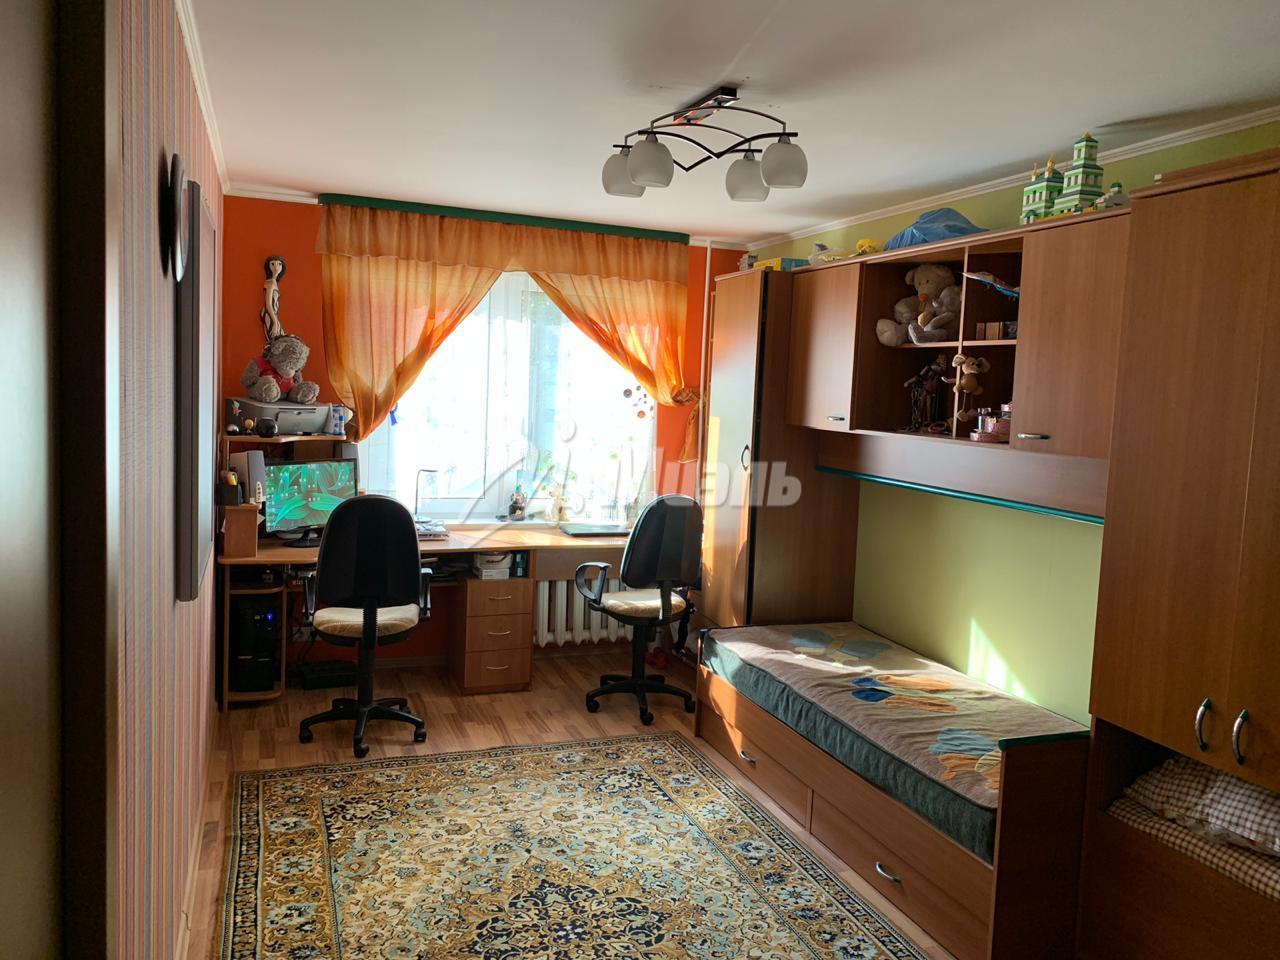 Квартира на продажу по адресу Россия, Московская область, Одинцовский городской округ, Новый городок, 21